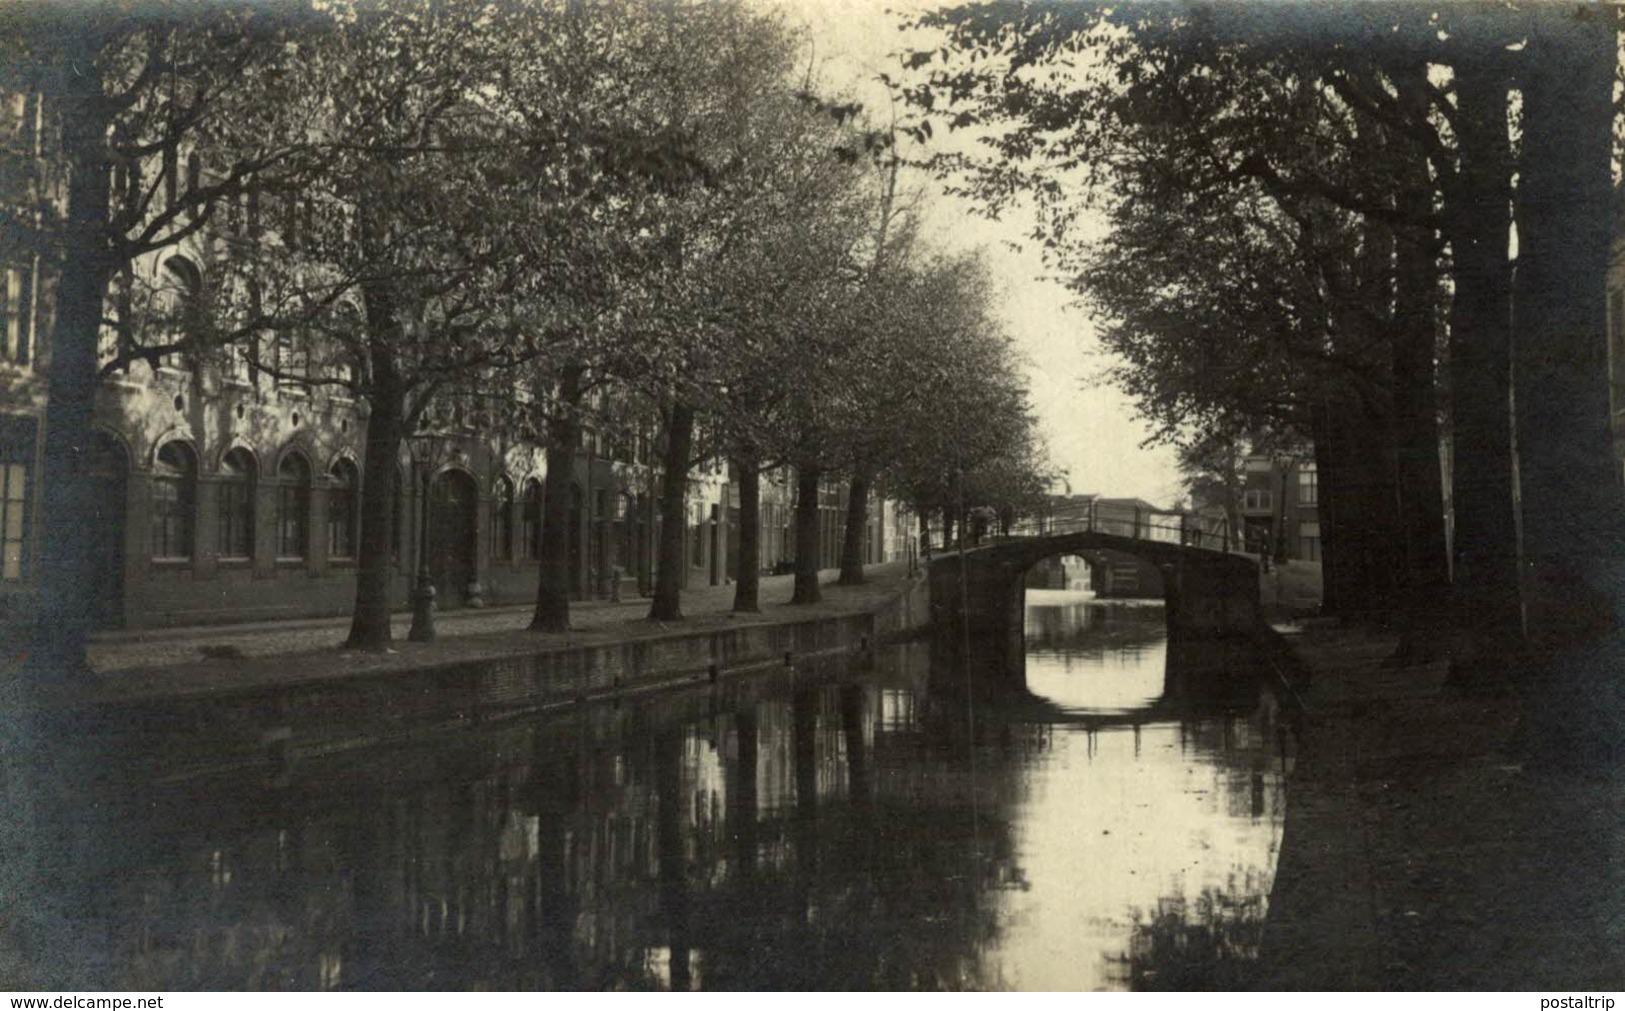 FOTOKAART 1925  VLIETBRUG LEIDEN - Leiden